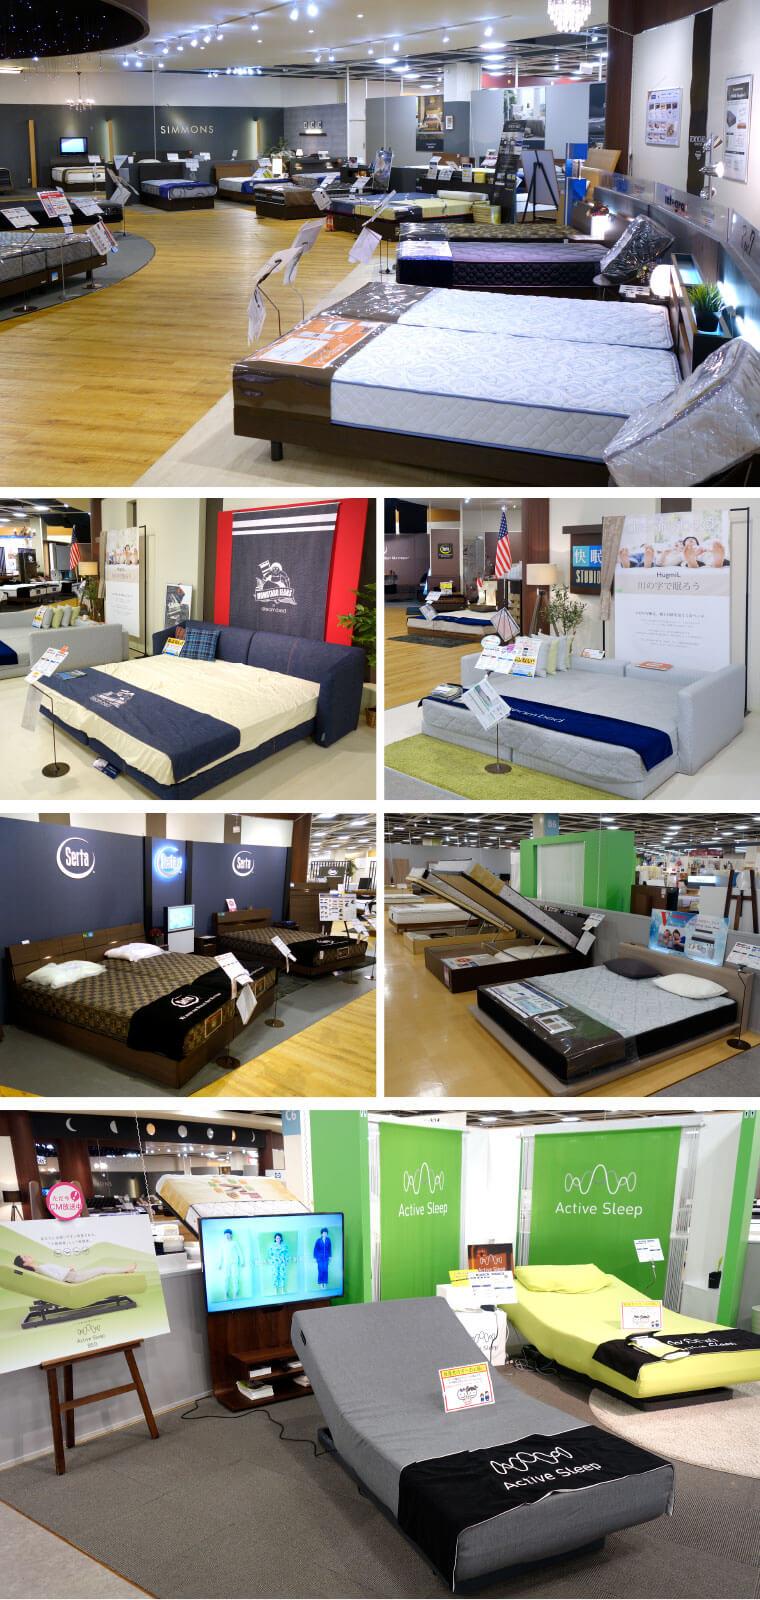 山新のベッド売場